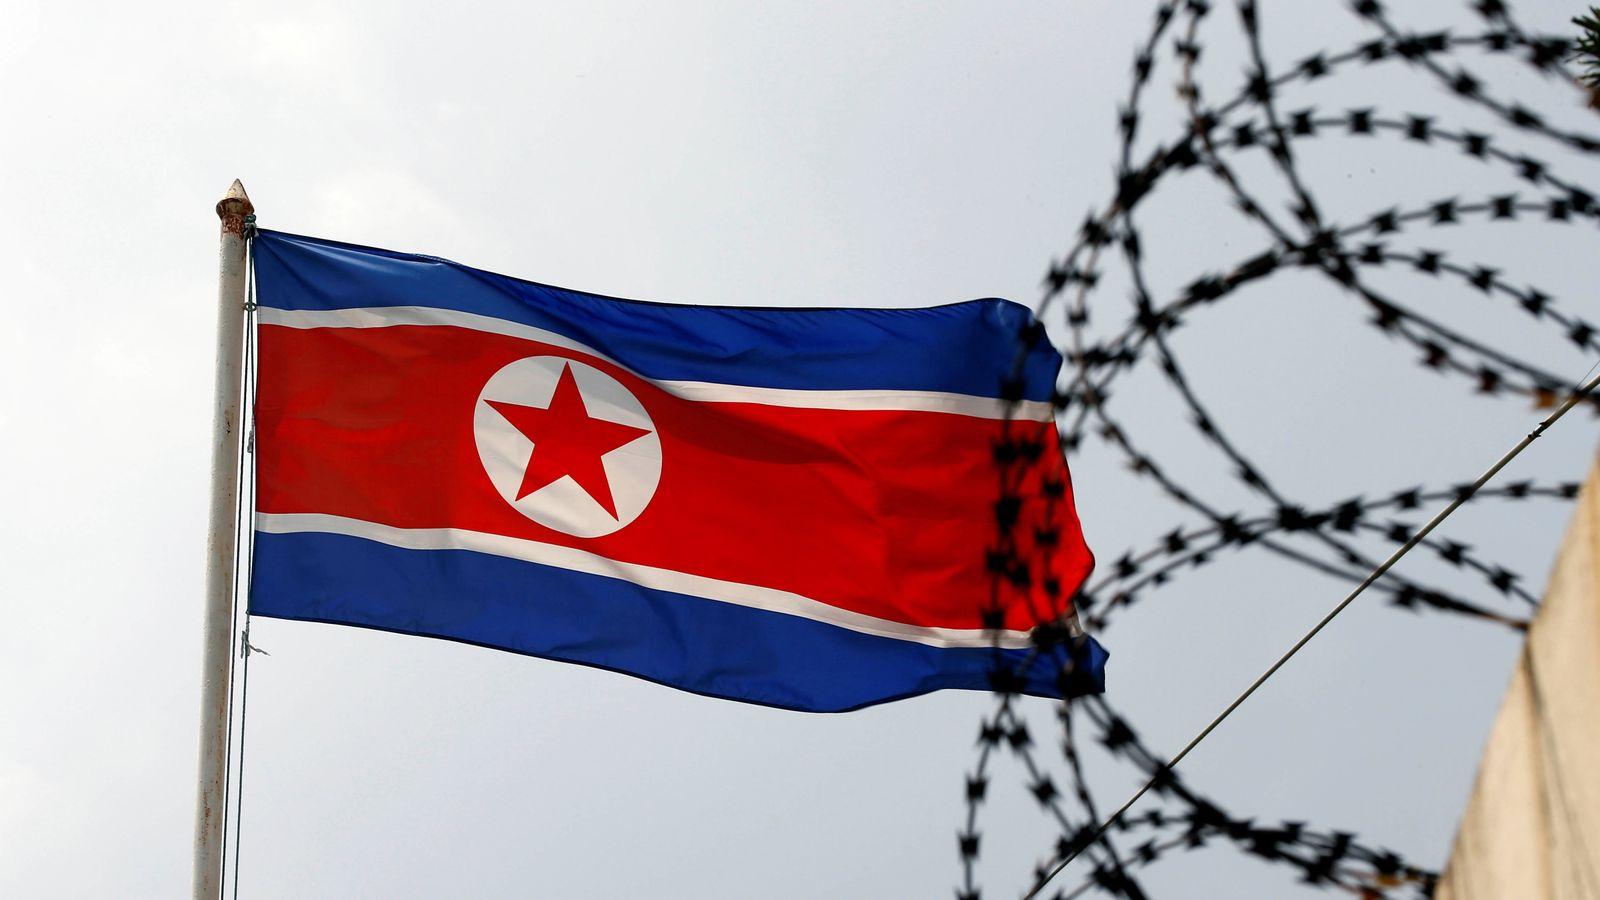 Хакеры из КНДР совершают более миллиона атак на компании Южной Кореи ежедневно